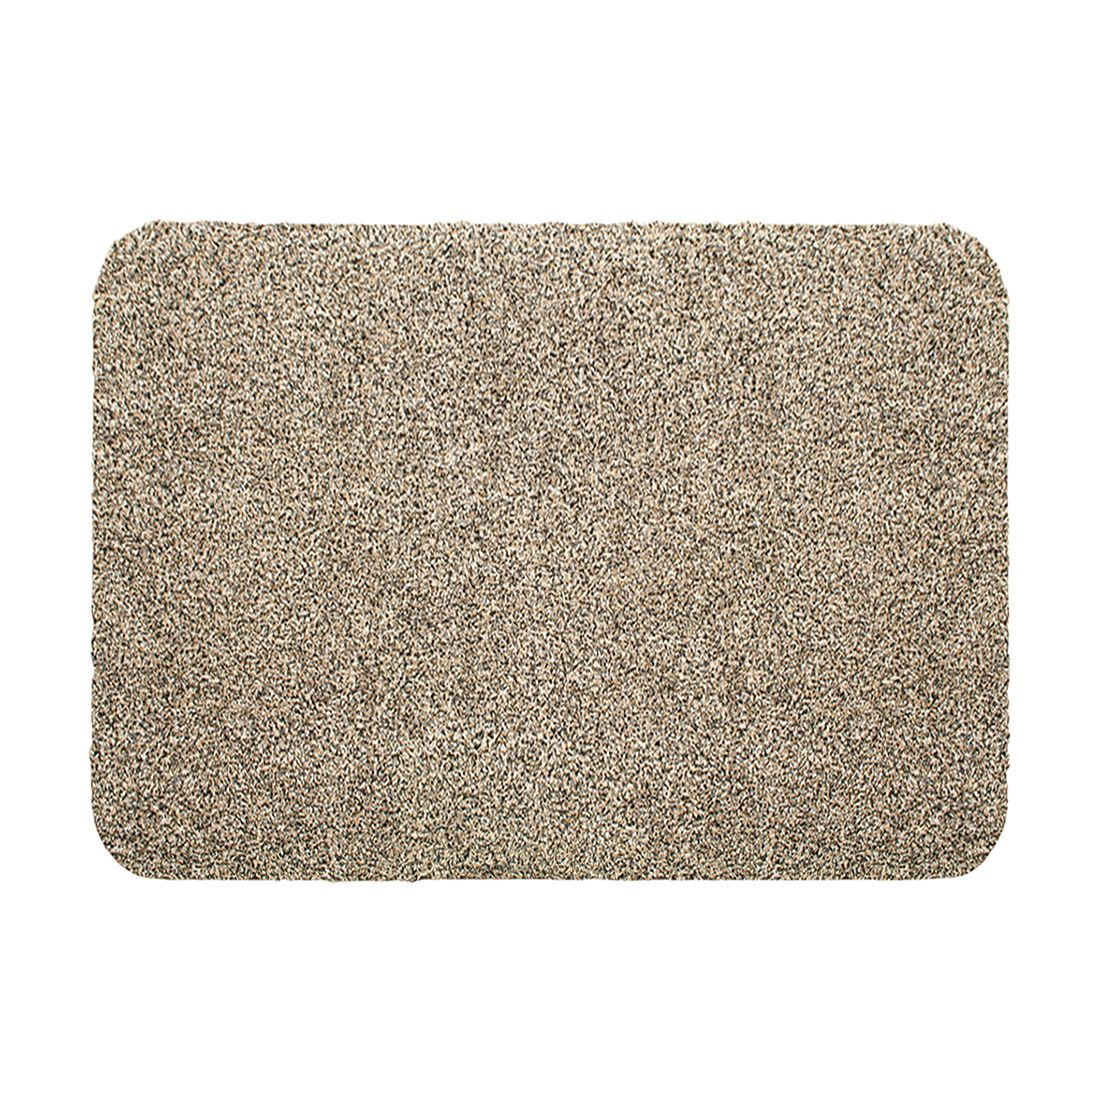 Fußmatte AQUA STOP – Granit, Siena Home online kaufen